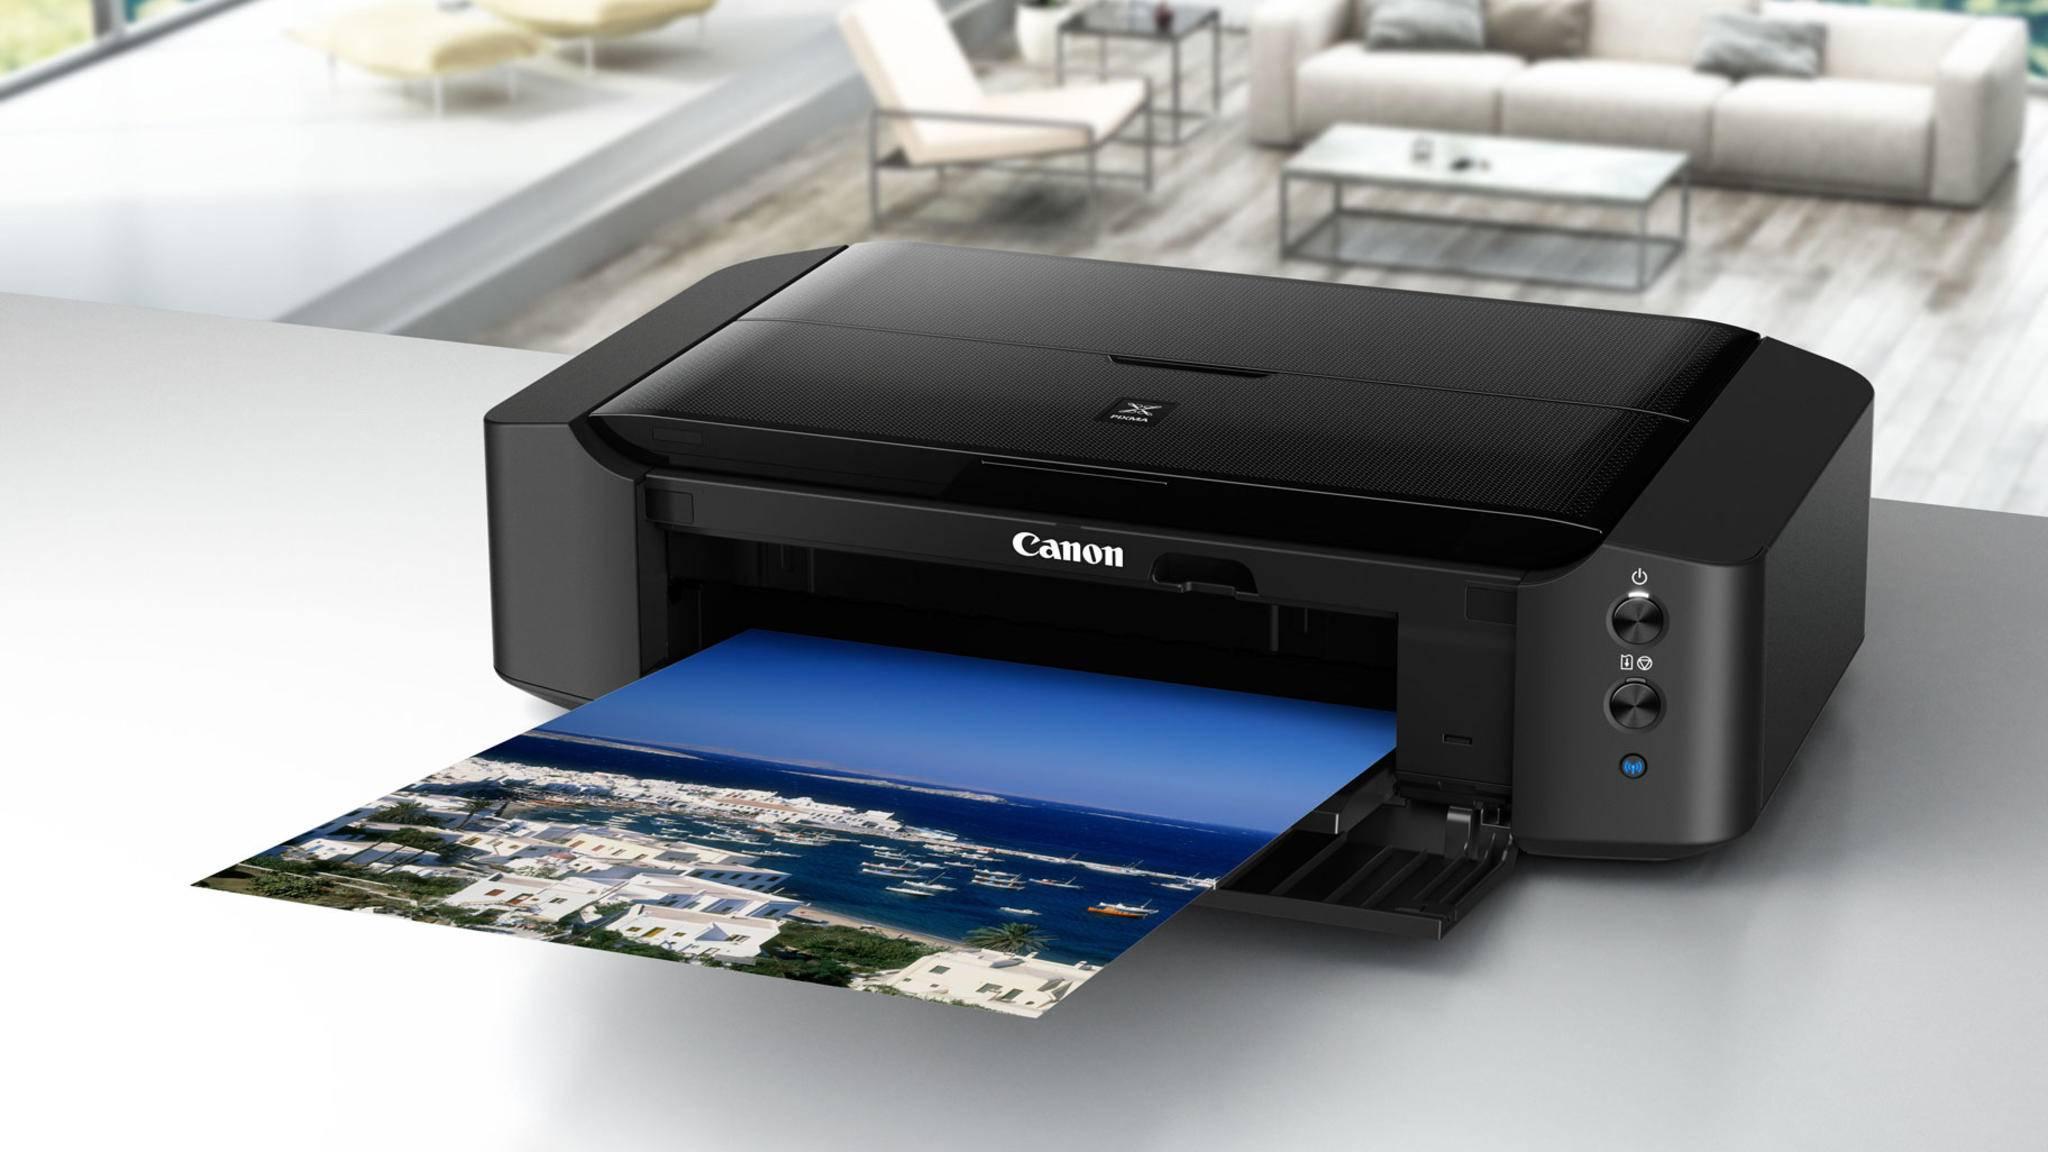 Die Suche nach dem besten Drucker ist nicht leicht. Wir stellen empfehlenswerte Modelle vor.